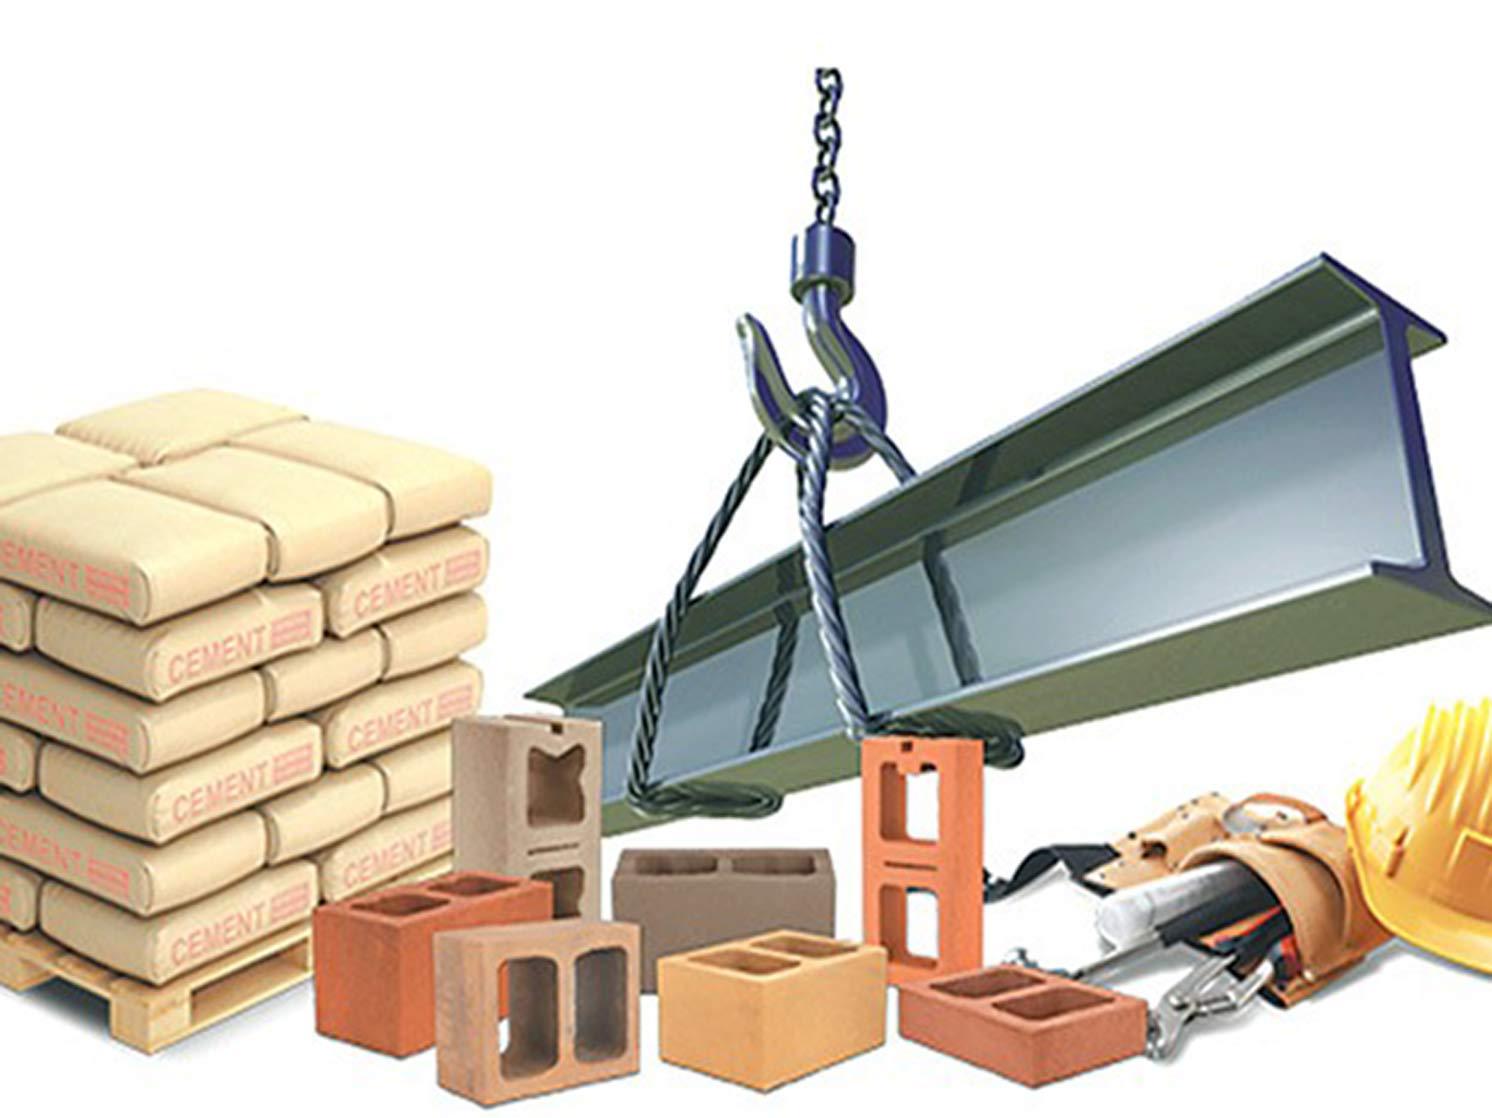 مصالح ساختمانی گرانی مصالح ساختمانی چه تاثیری بر بازار مسکن دارد؟